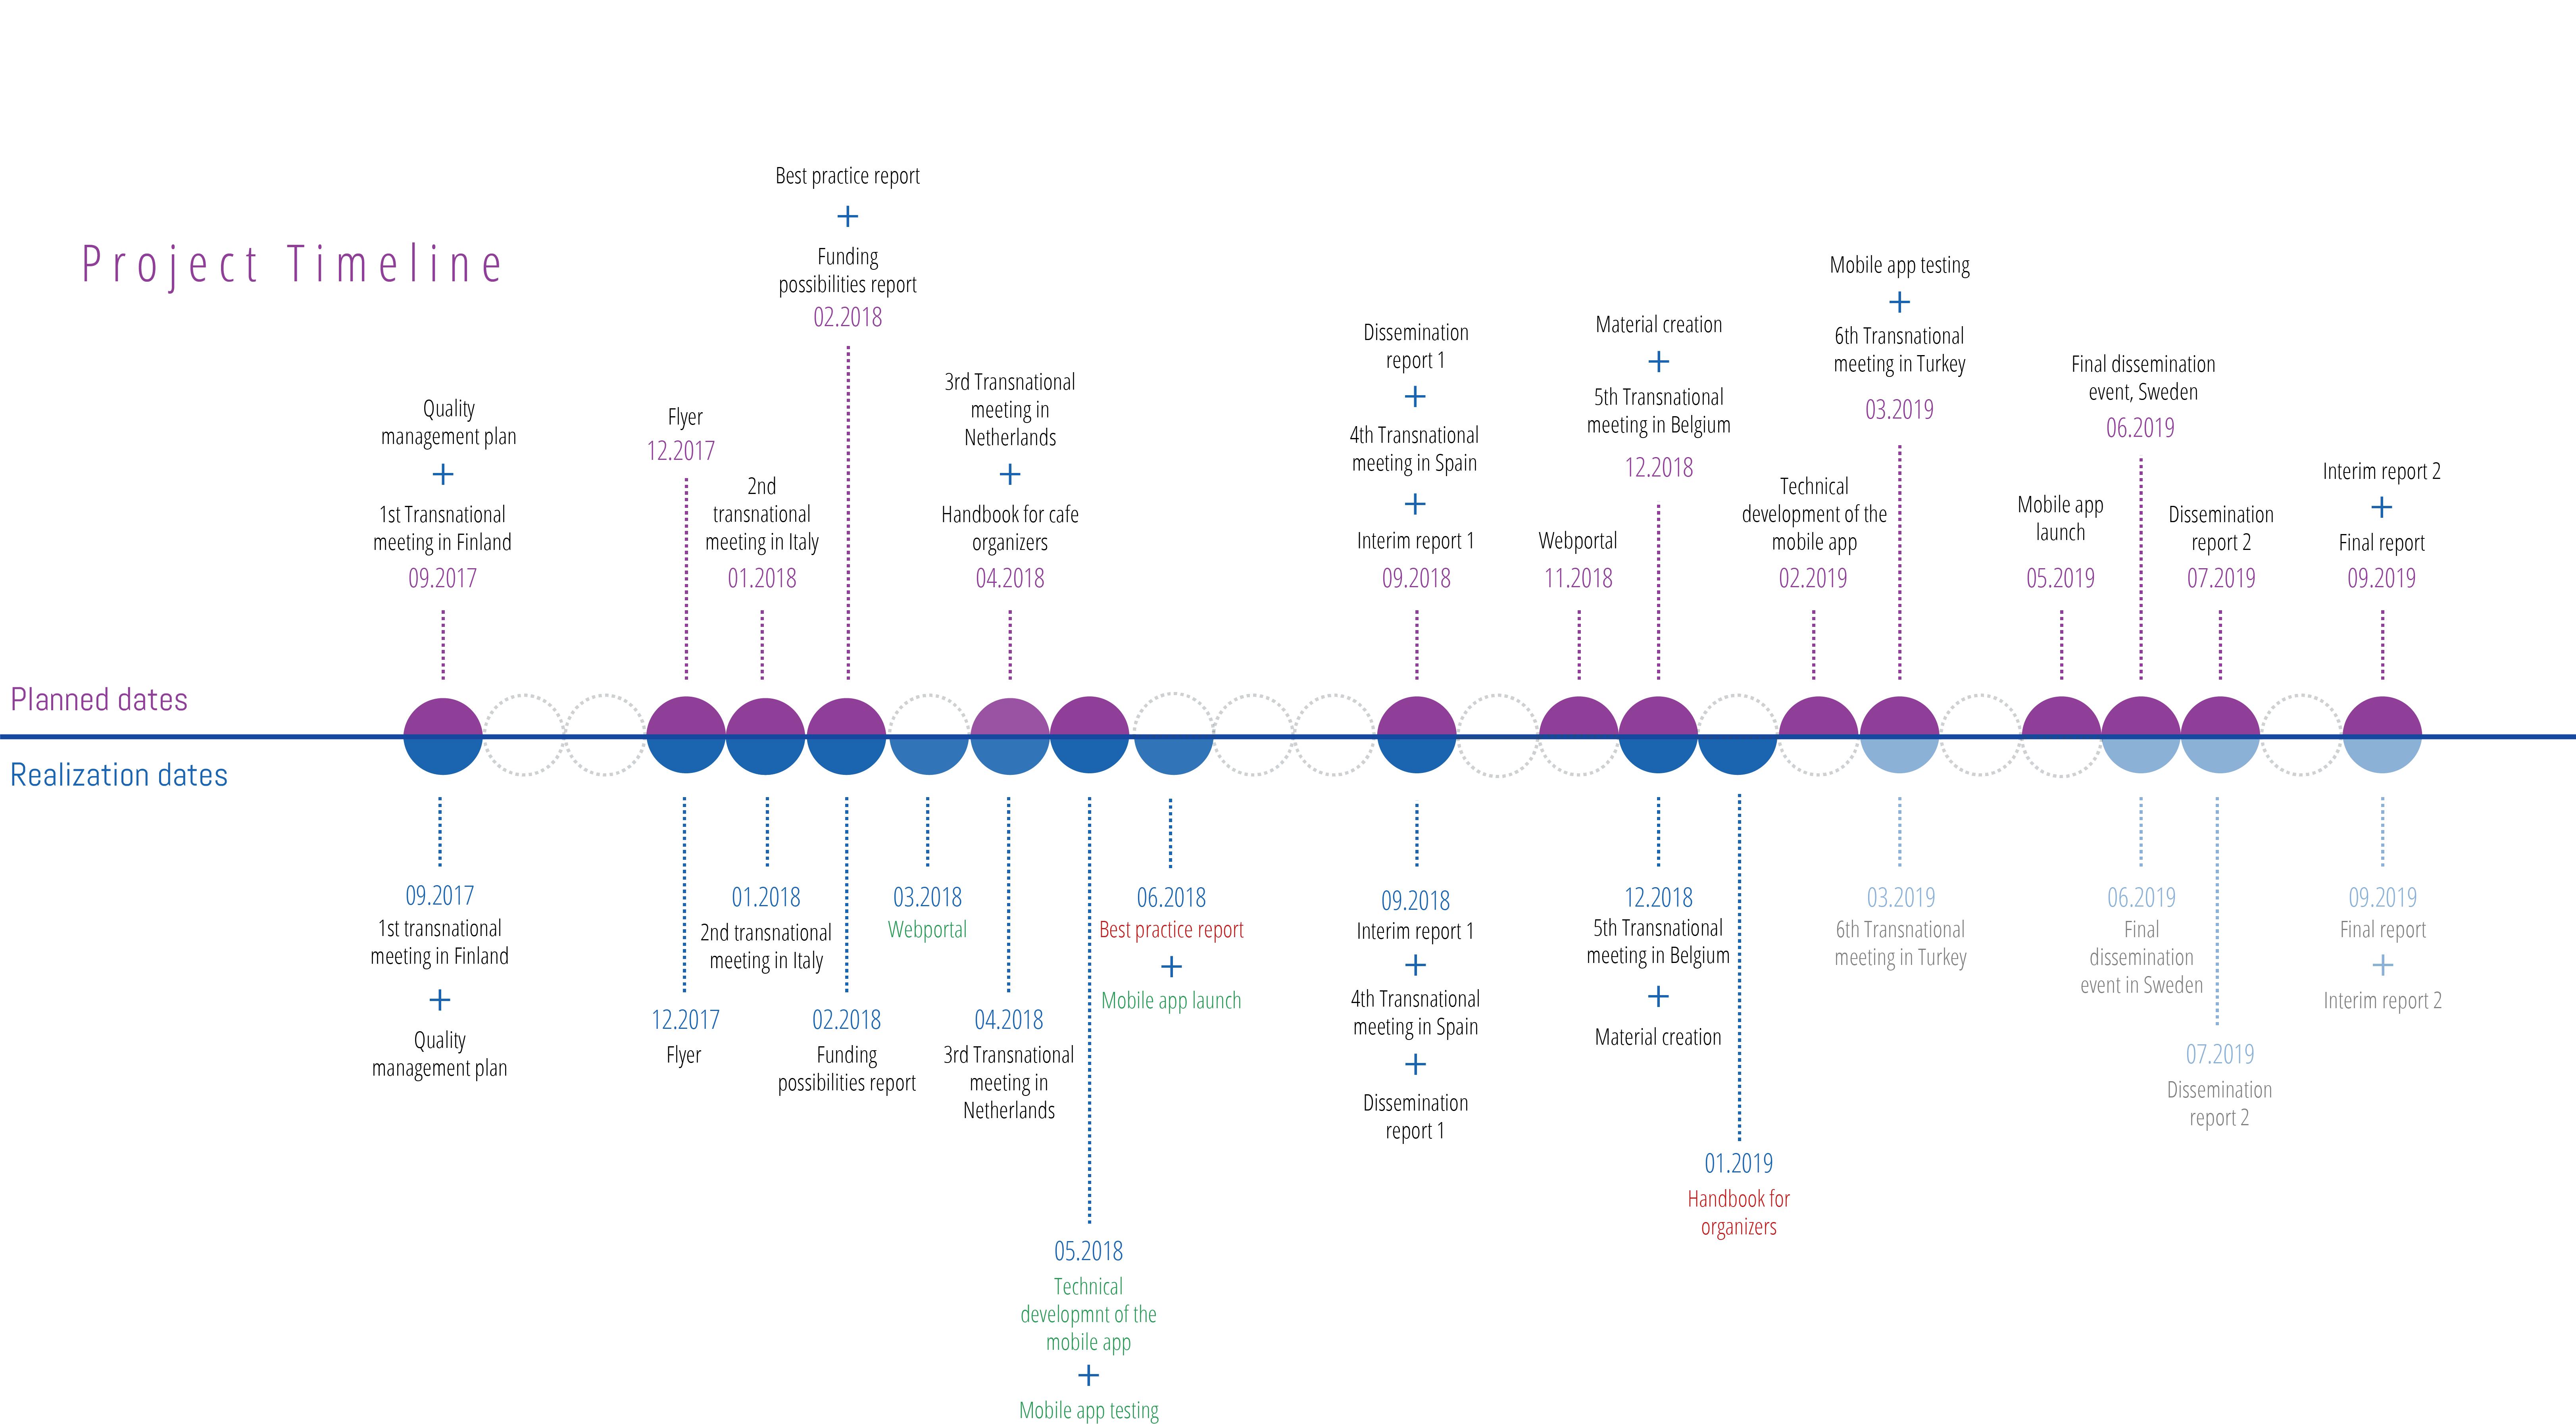 ml_timeline-full-version